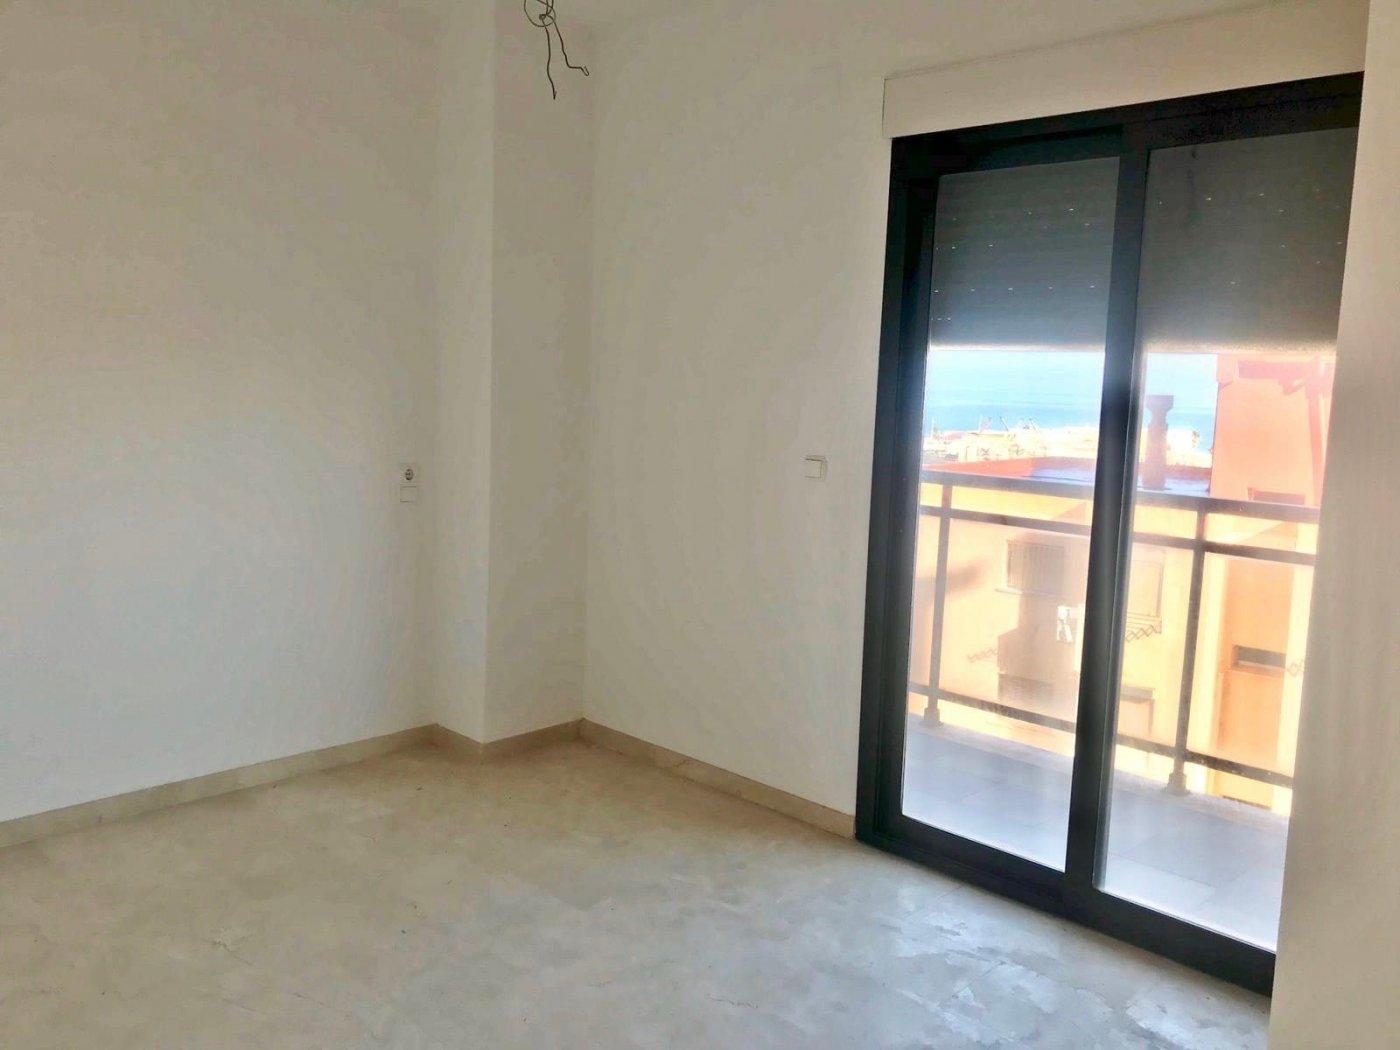 Apartamento en playa de gandia con piscina comunitaria y garaje incluido - imagenInmueble28